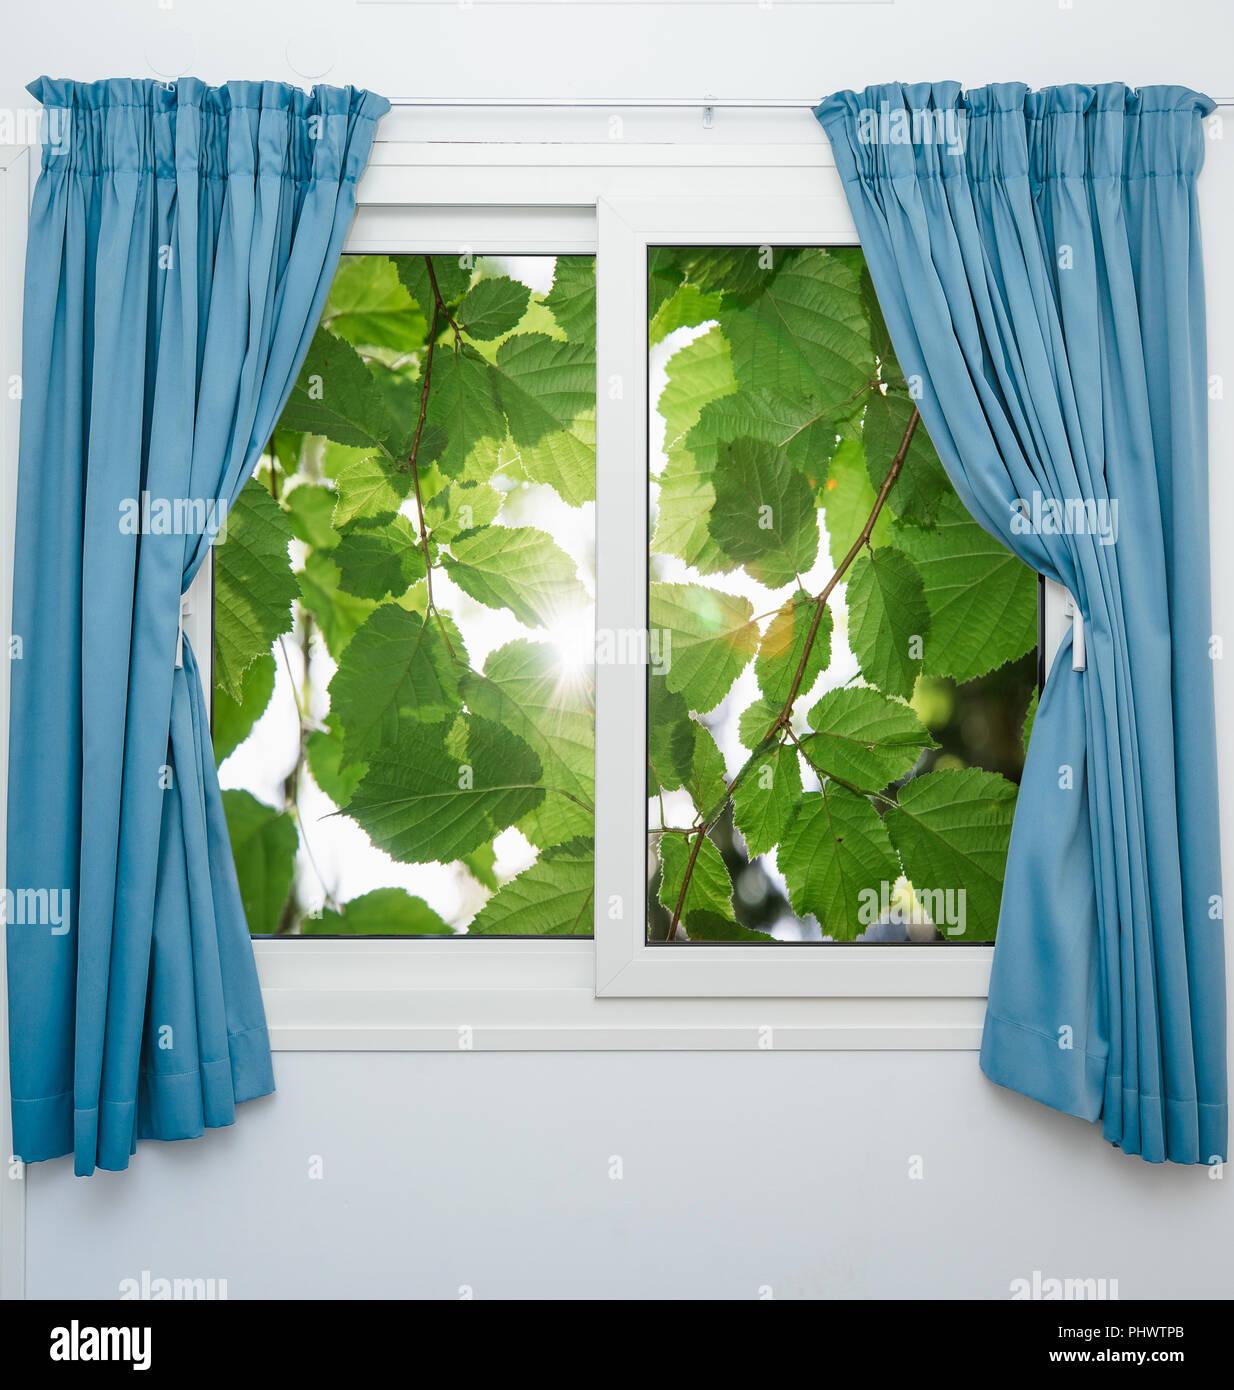 Hermosa vista desde la ventana a la naturaleza pintorescamente Foto de stock